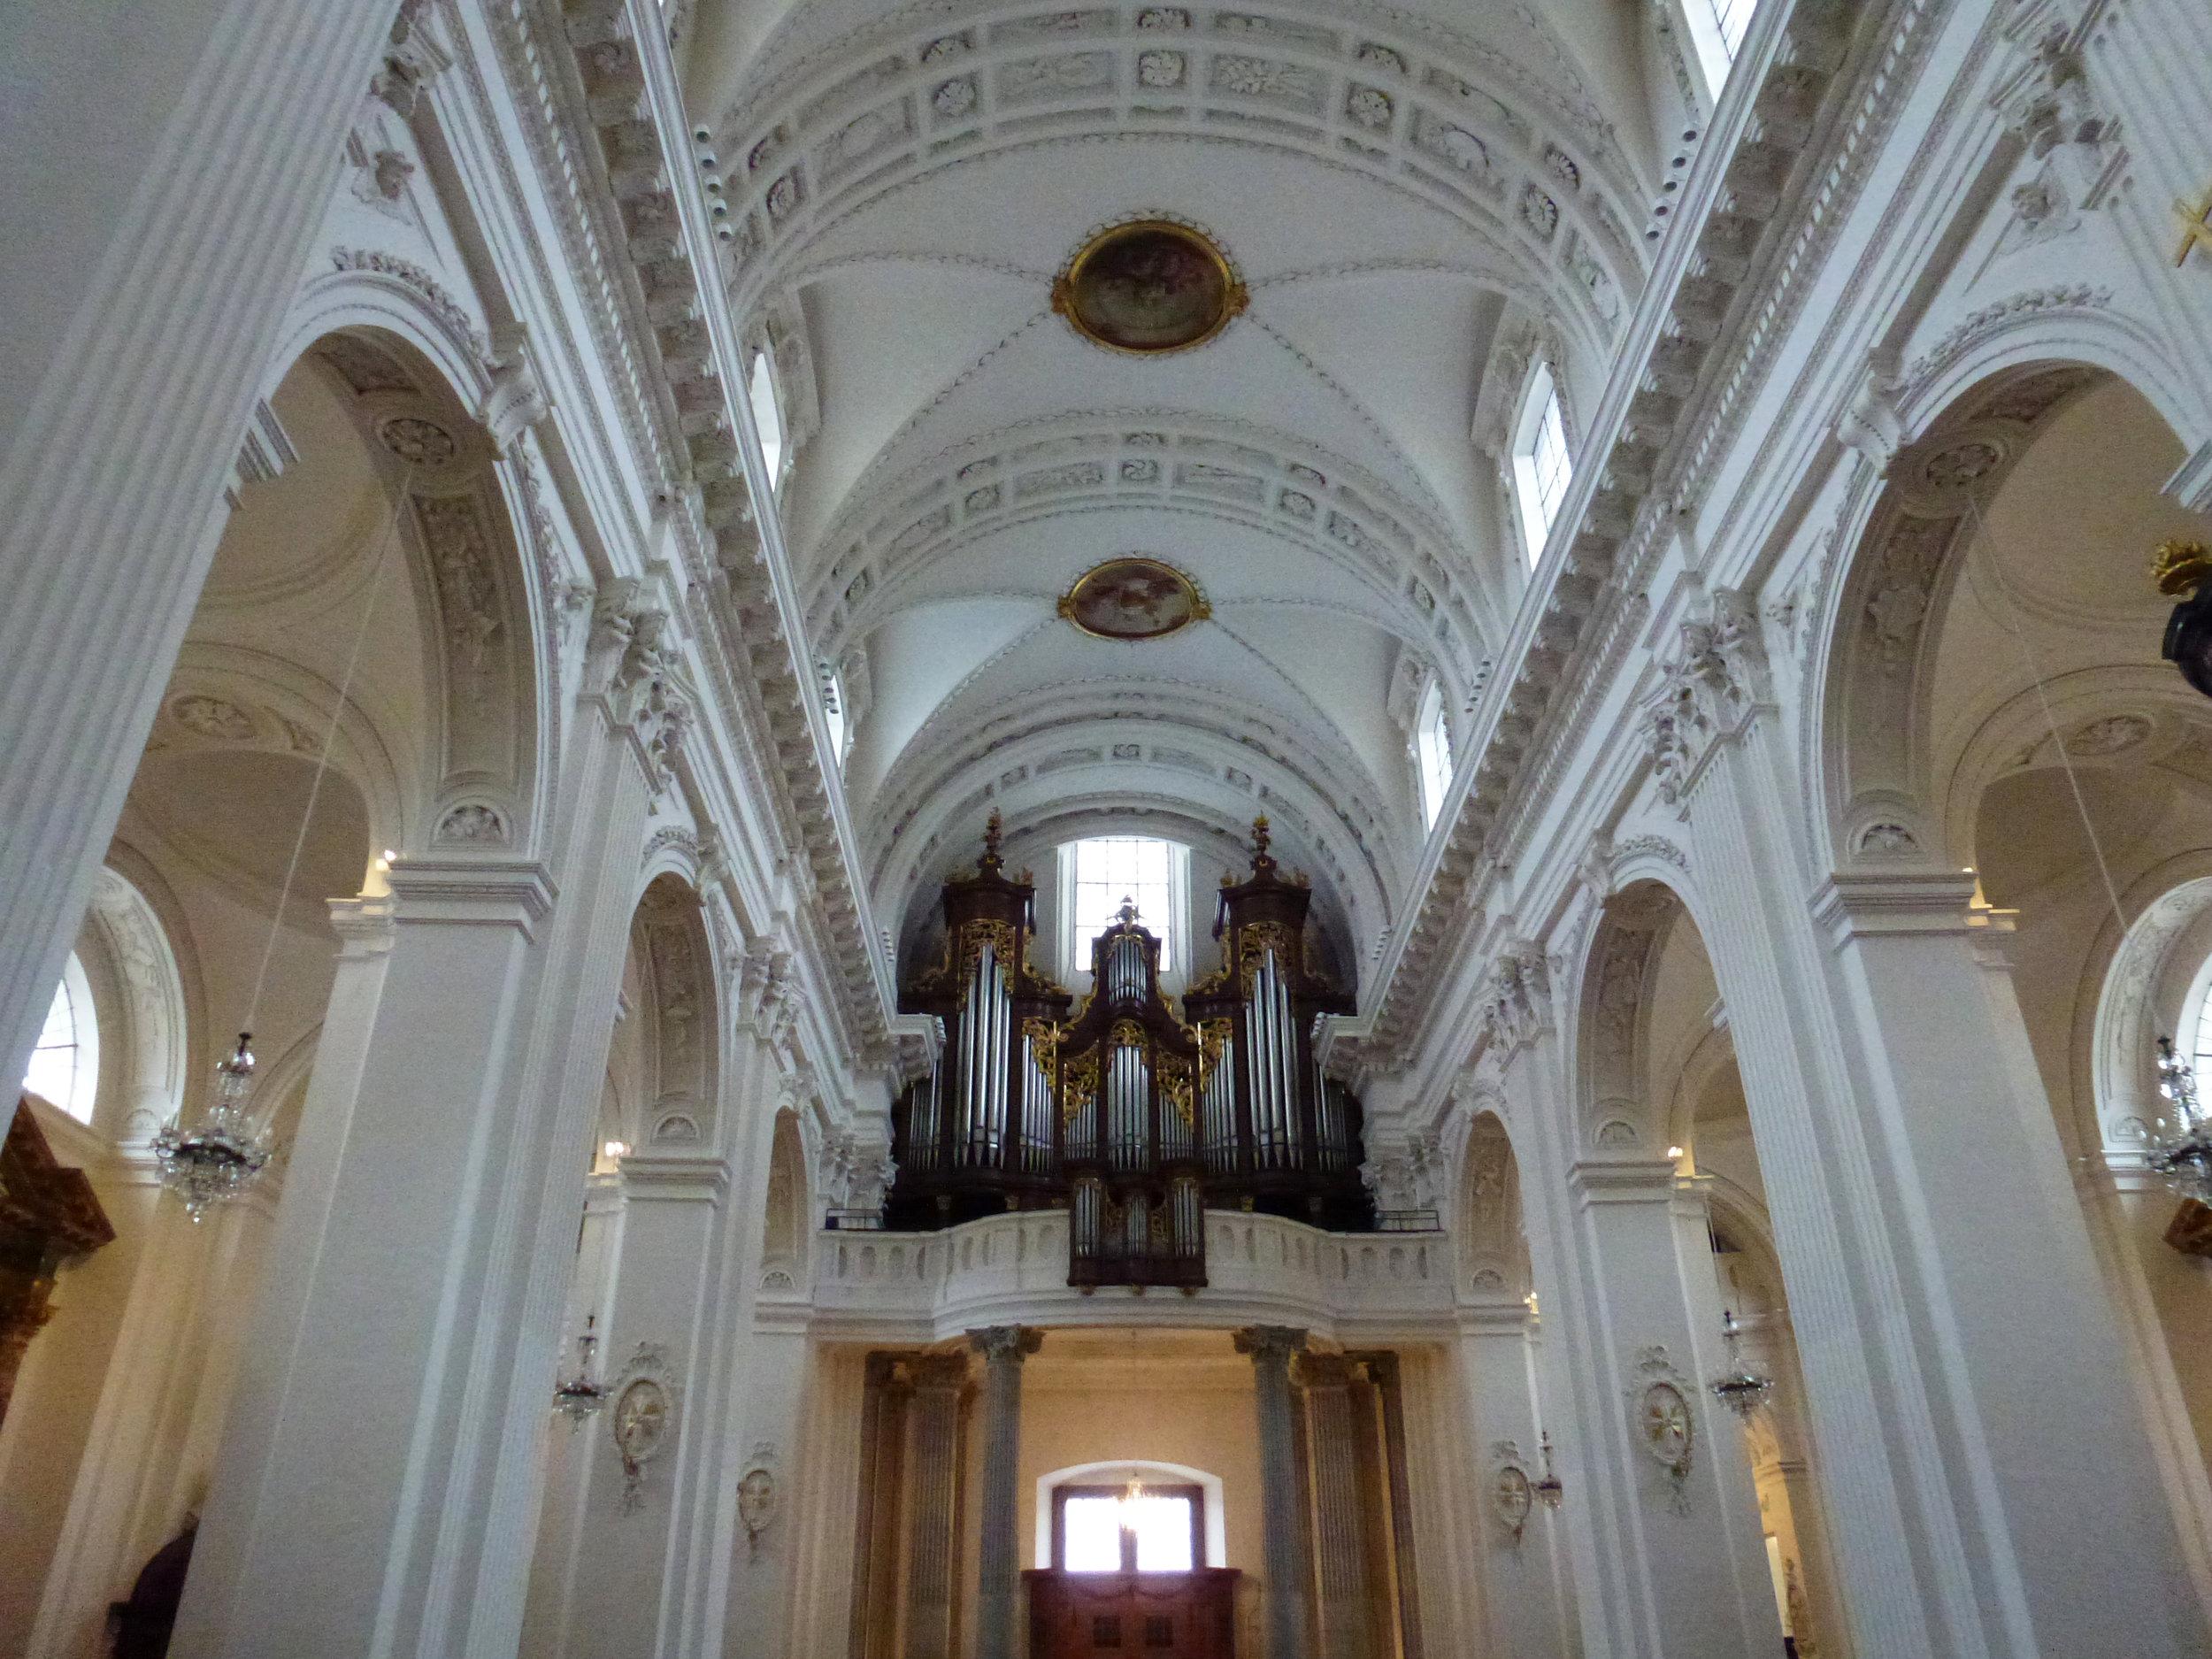 Les espaces intérieurs s'élèvent avec une parfaite harmonie, dans un style particulièrement inspirant